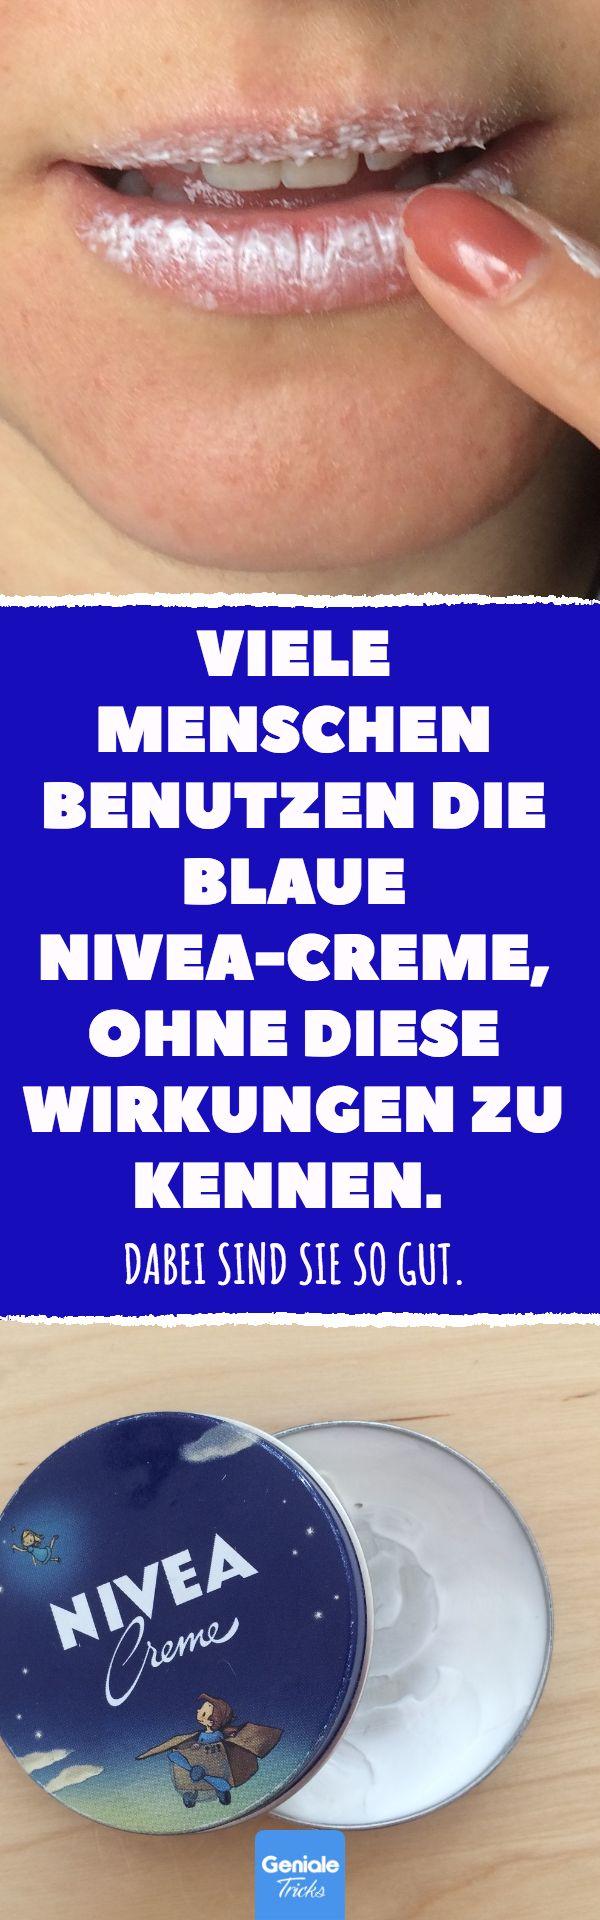 Viele Menschen benutzen die blaue Nivea-Creme, ohne diese Wirkungen zu kennen. Dabei sind sie so gut. 10 praktische Anwendungen für Nivea-Creme. #nivea #creme #hautcreme #schwangerschaftsstreifen #lippenpflege #augenringe – Birgit Barkmann